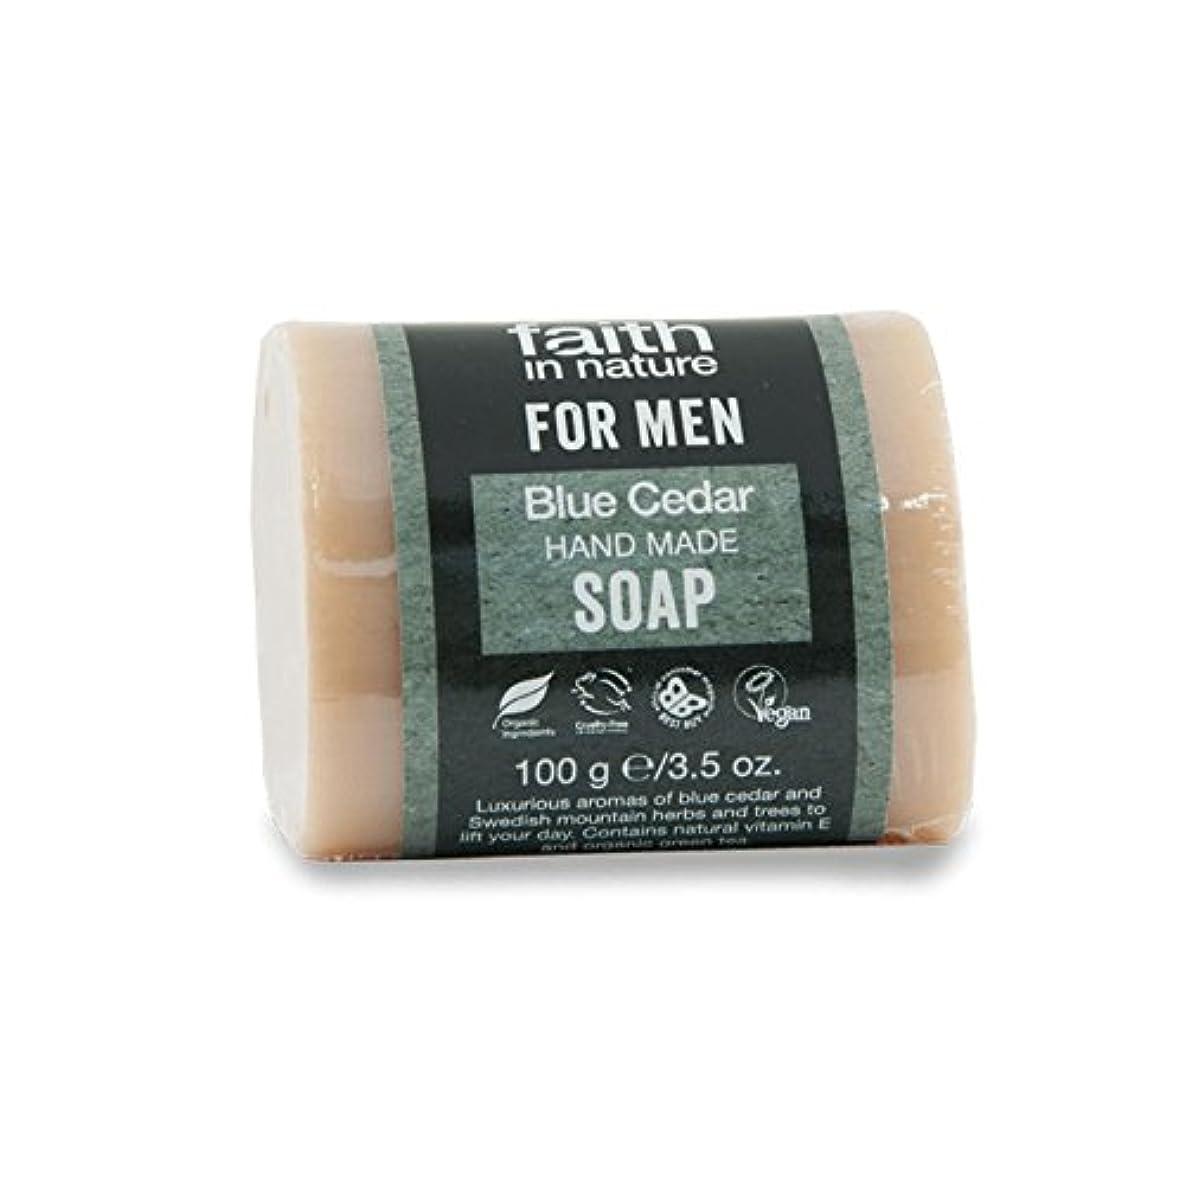 アートジュニア破壊的Faith in Nature for Men Blue Cedar Soap 100g (Pack of 6) - 男性青杉の石鹸100グラムのための自然の中で信仰 (x6) [並行輸入品]